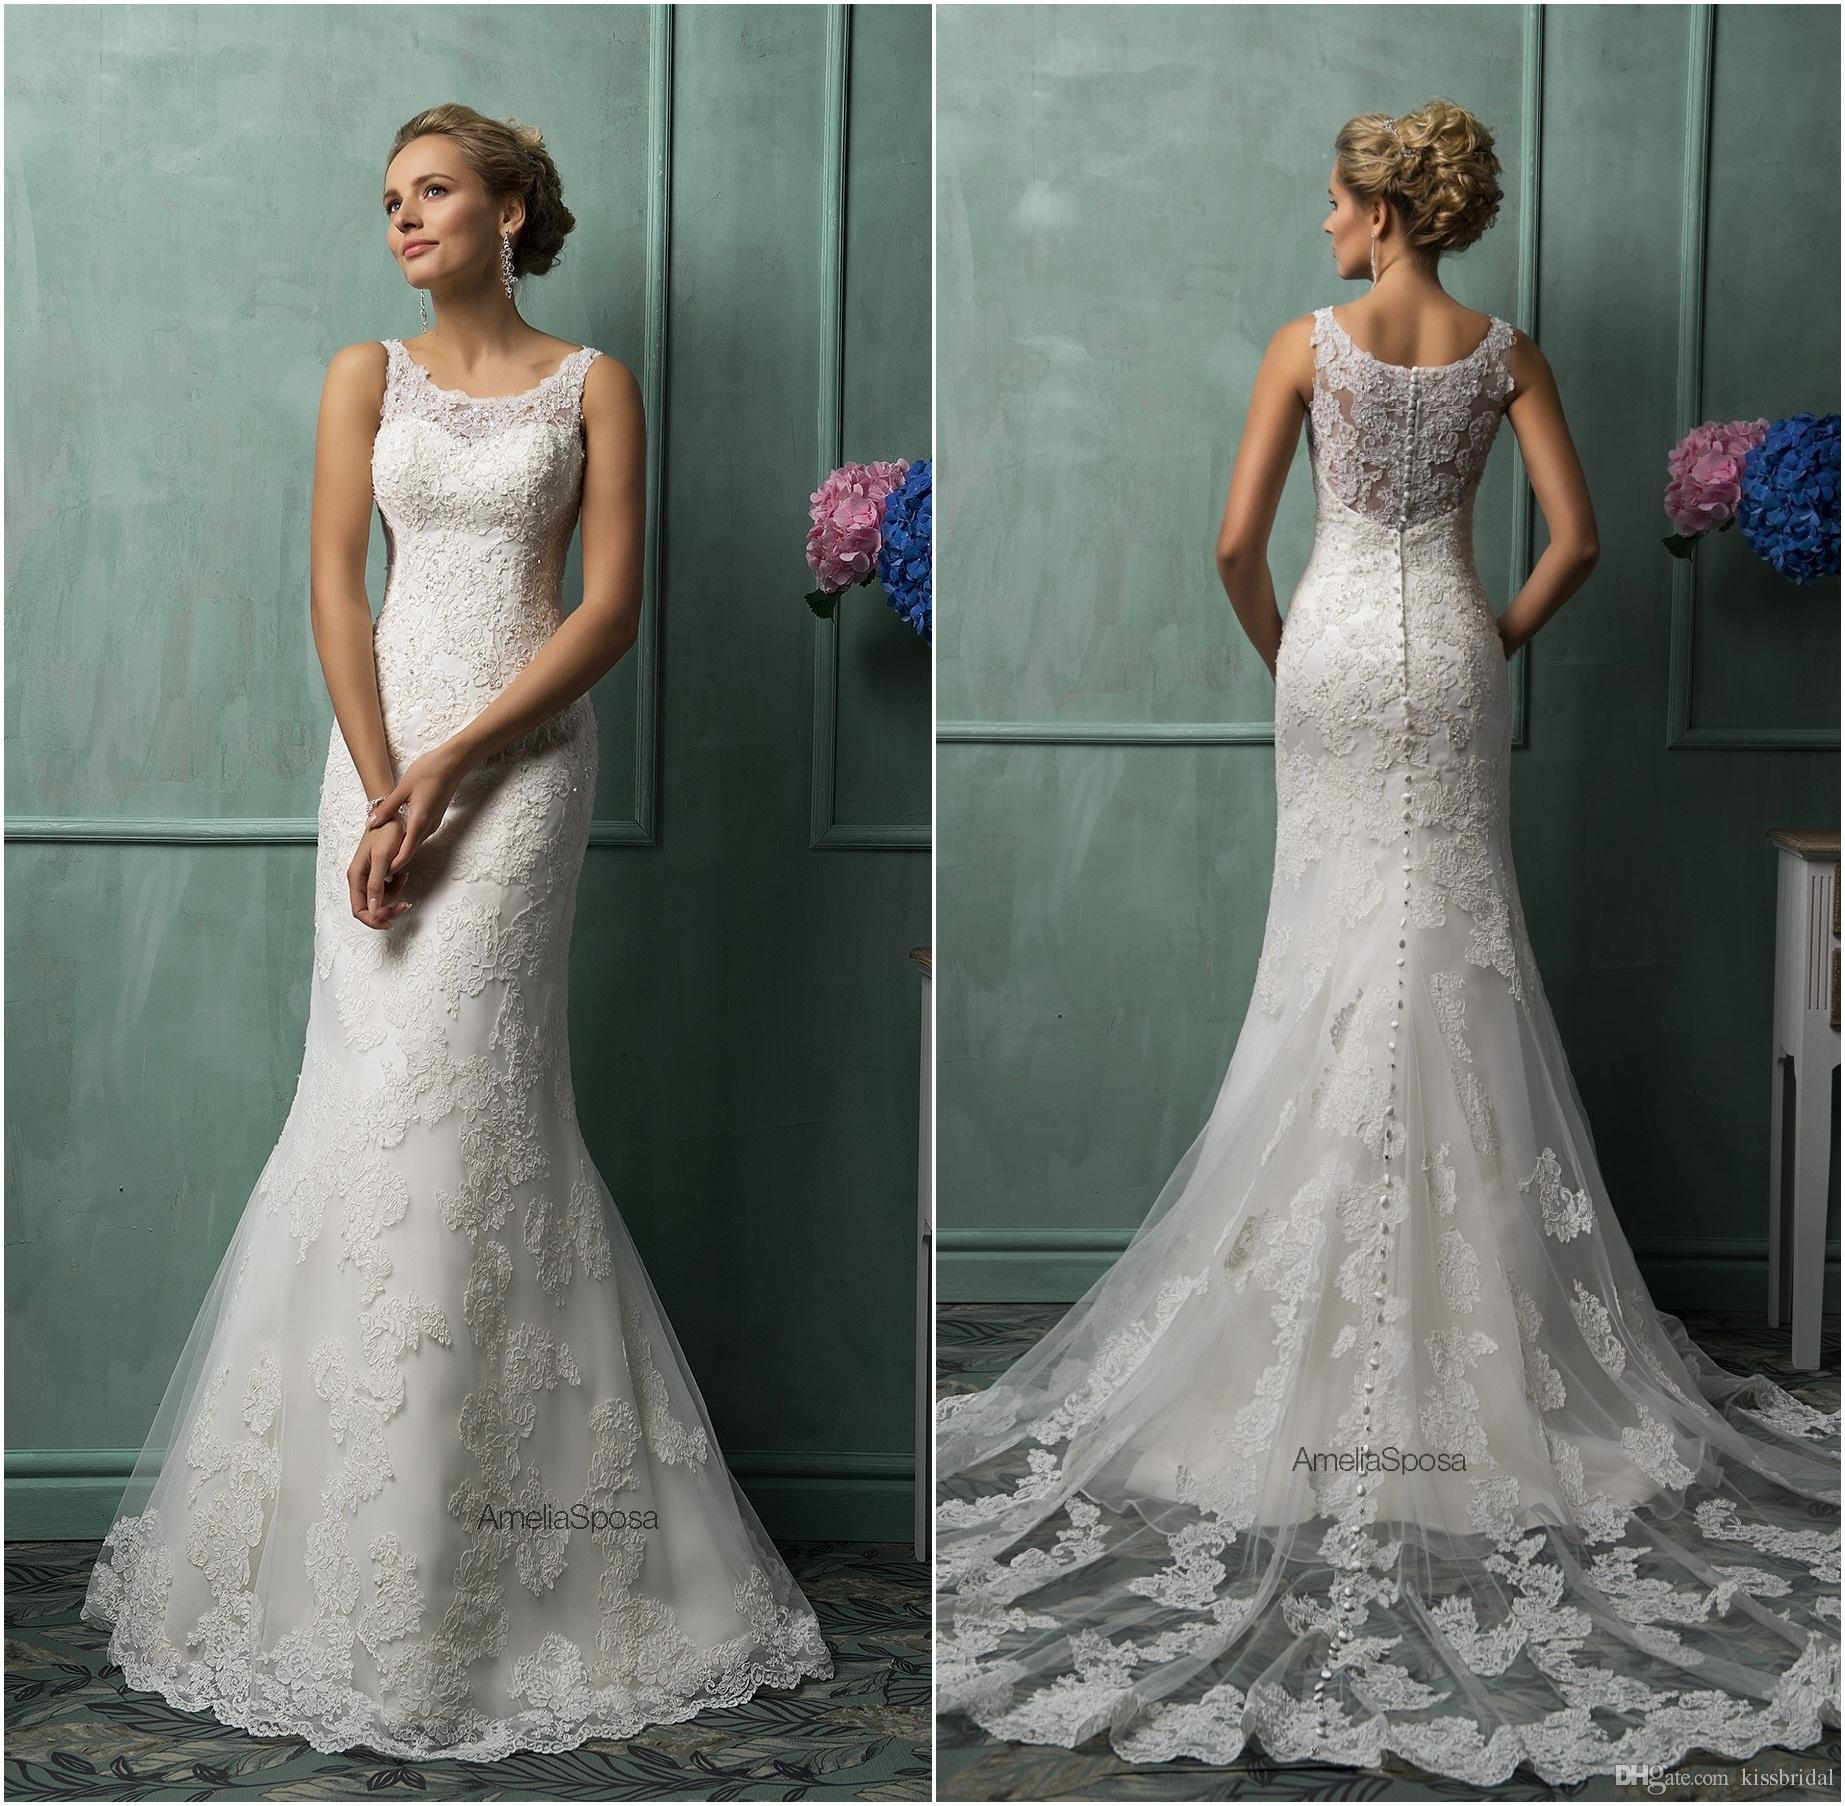 Vintage Wedding Dresses: Amelia Sposa 2015 Mermaid Wedding Dresses Vintage Bateau